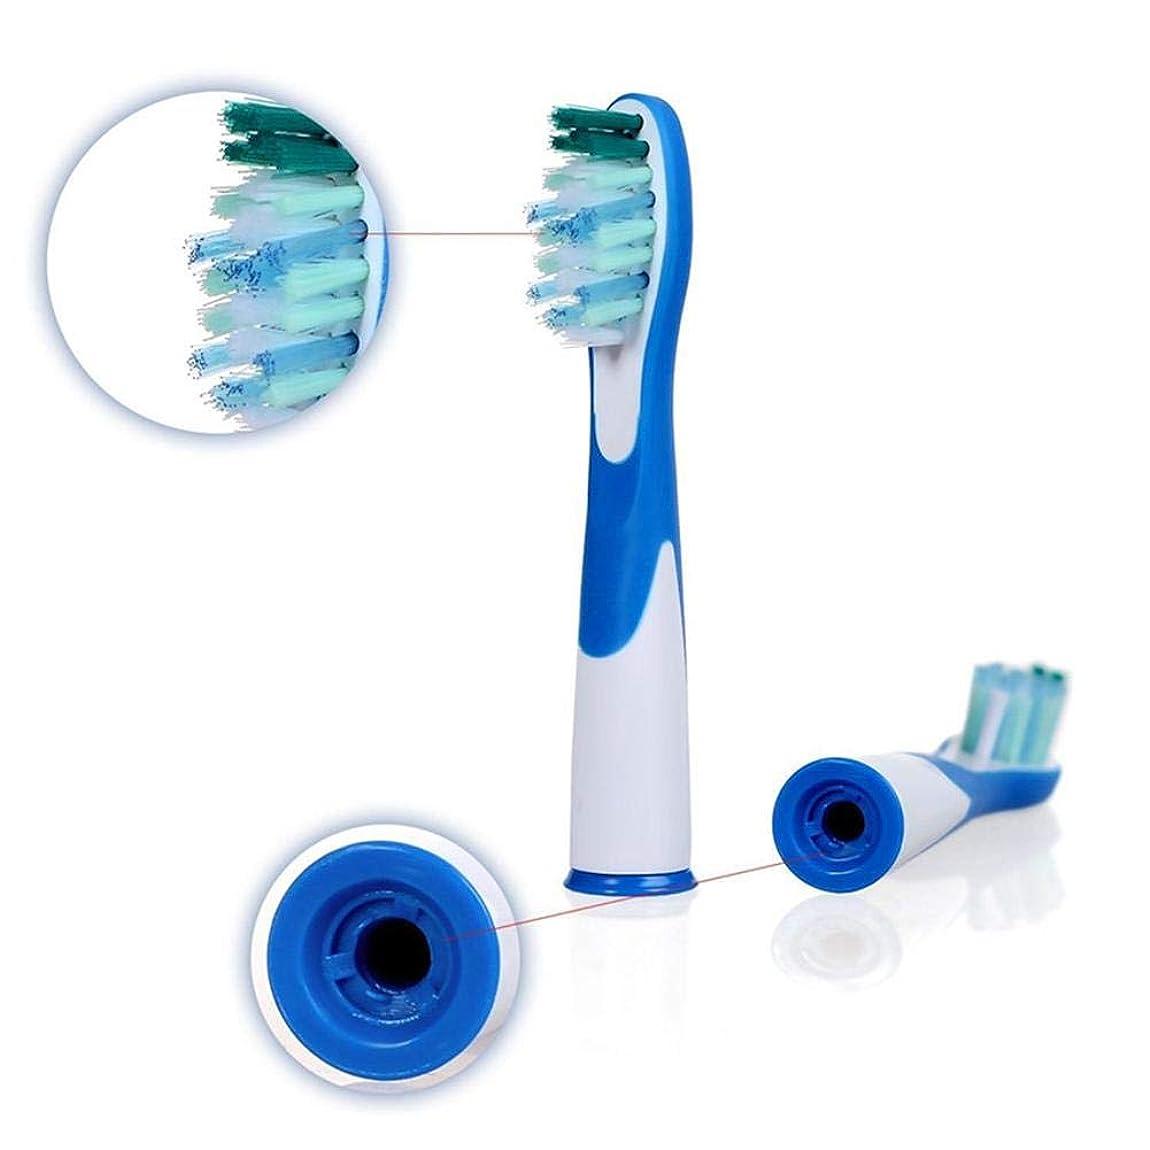 早く避難するフリッパーcolmall 電動歯ブラシ交換ヘッド Oral B 電動歯ブラシ S26.523.3 S15.523.3に対応 安全 ソフト 4PCS thrifty